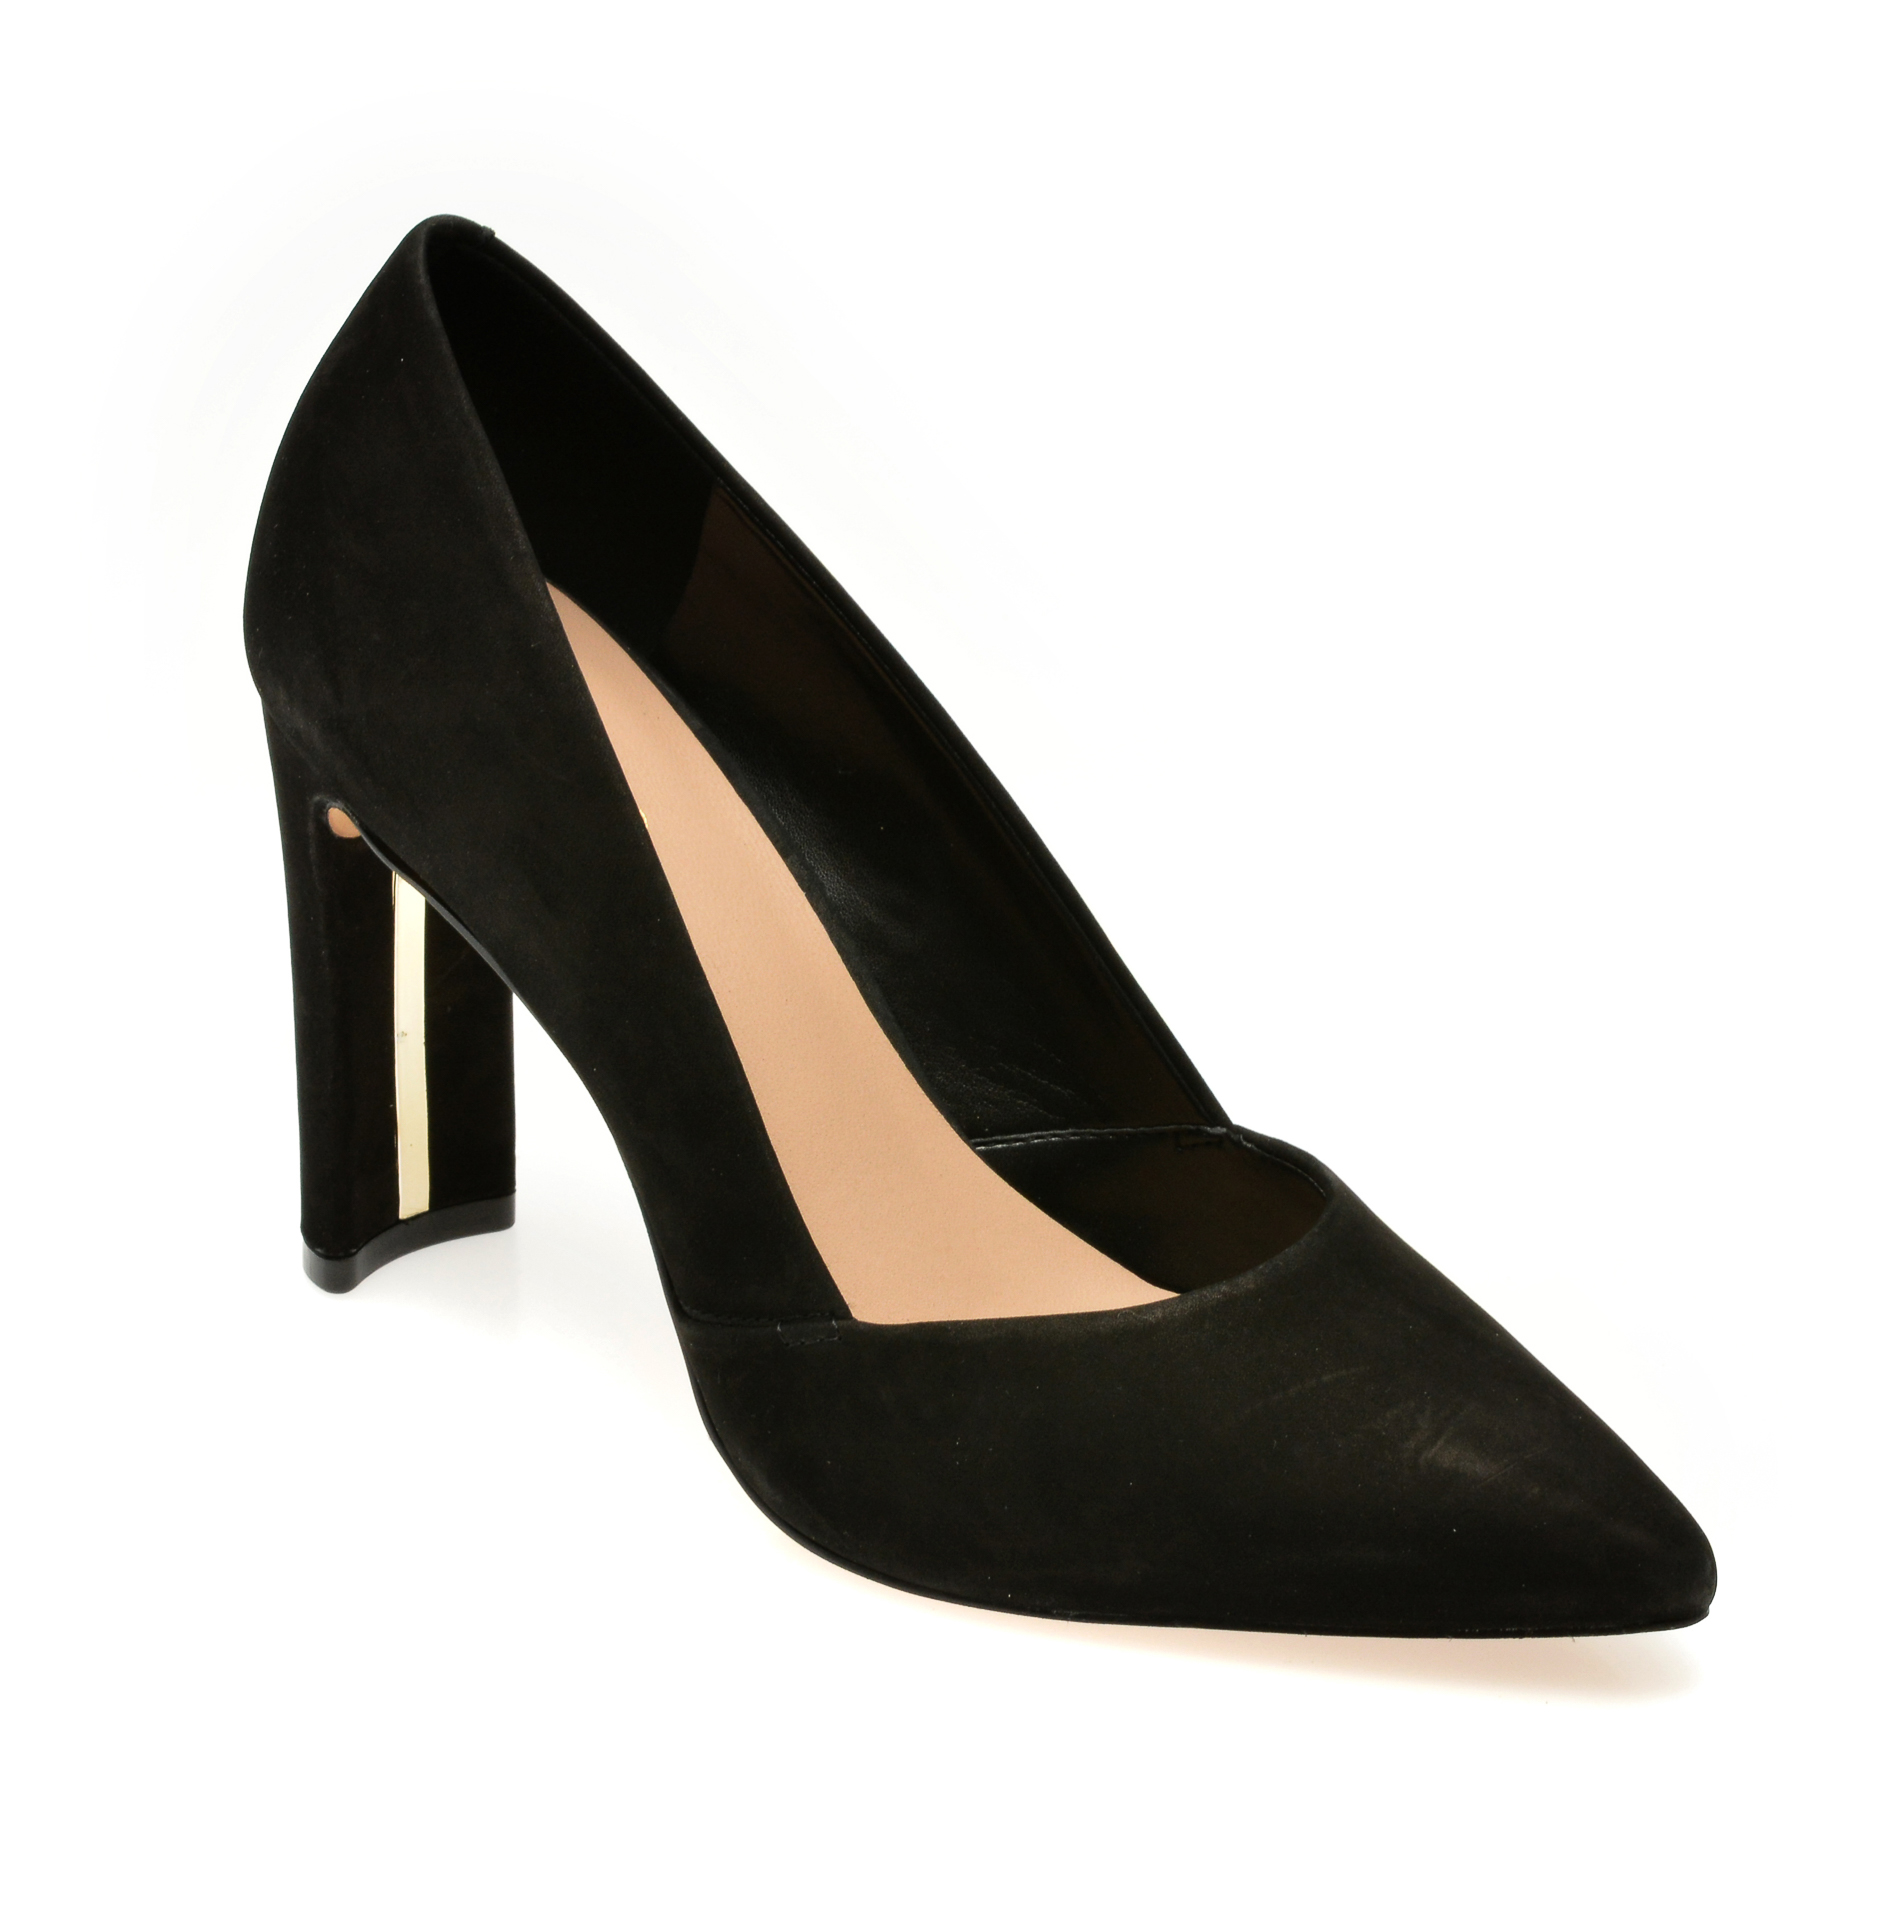 Pantofi ALDO negri, Adworen001, din nabuc imagine otter.ro 2021